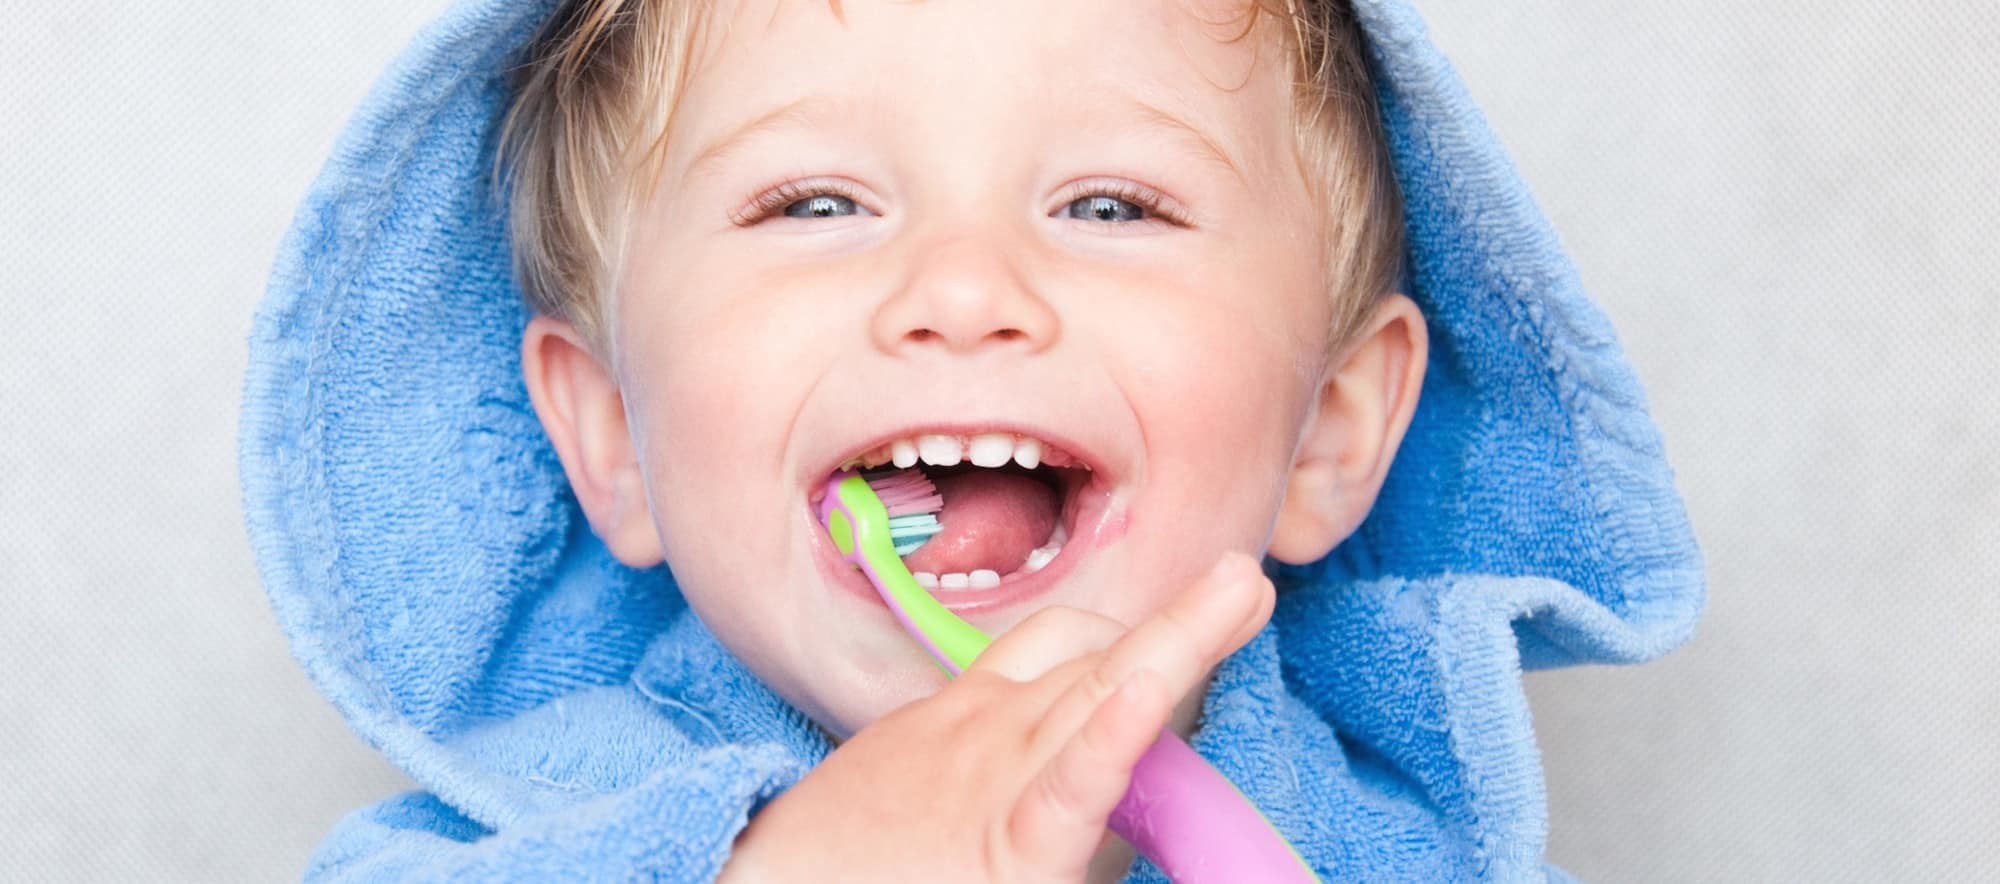 Spazzolamento denti nei bambini